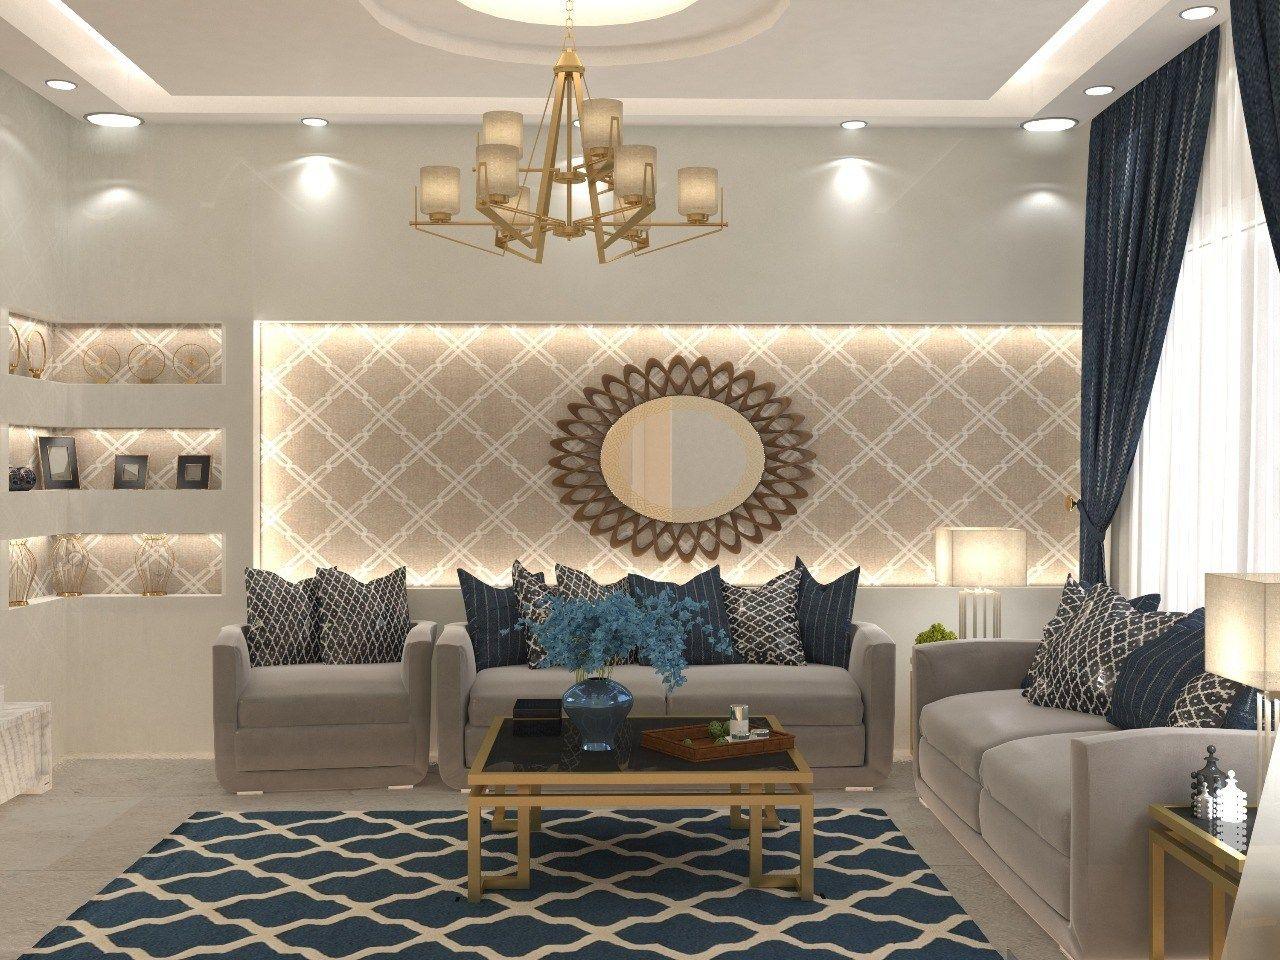 مجالس نساء بازار للتصميم الداخلي و الديكور Decor Home Living Room Living Room Design Modern Living Room Interior